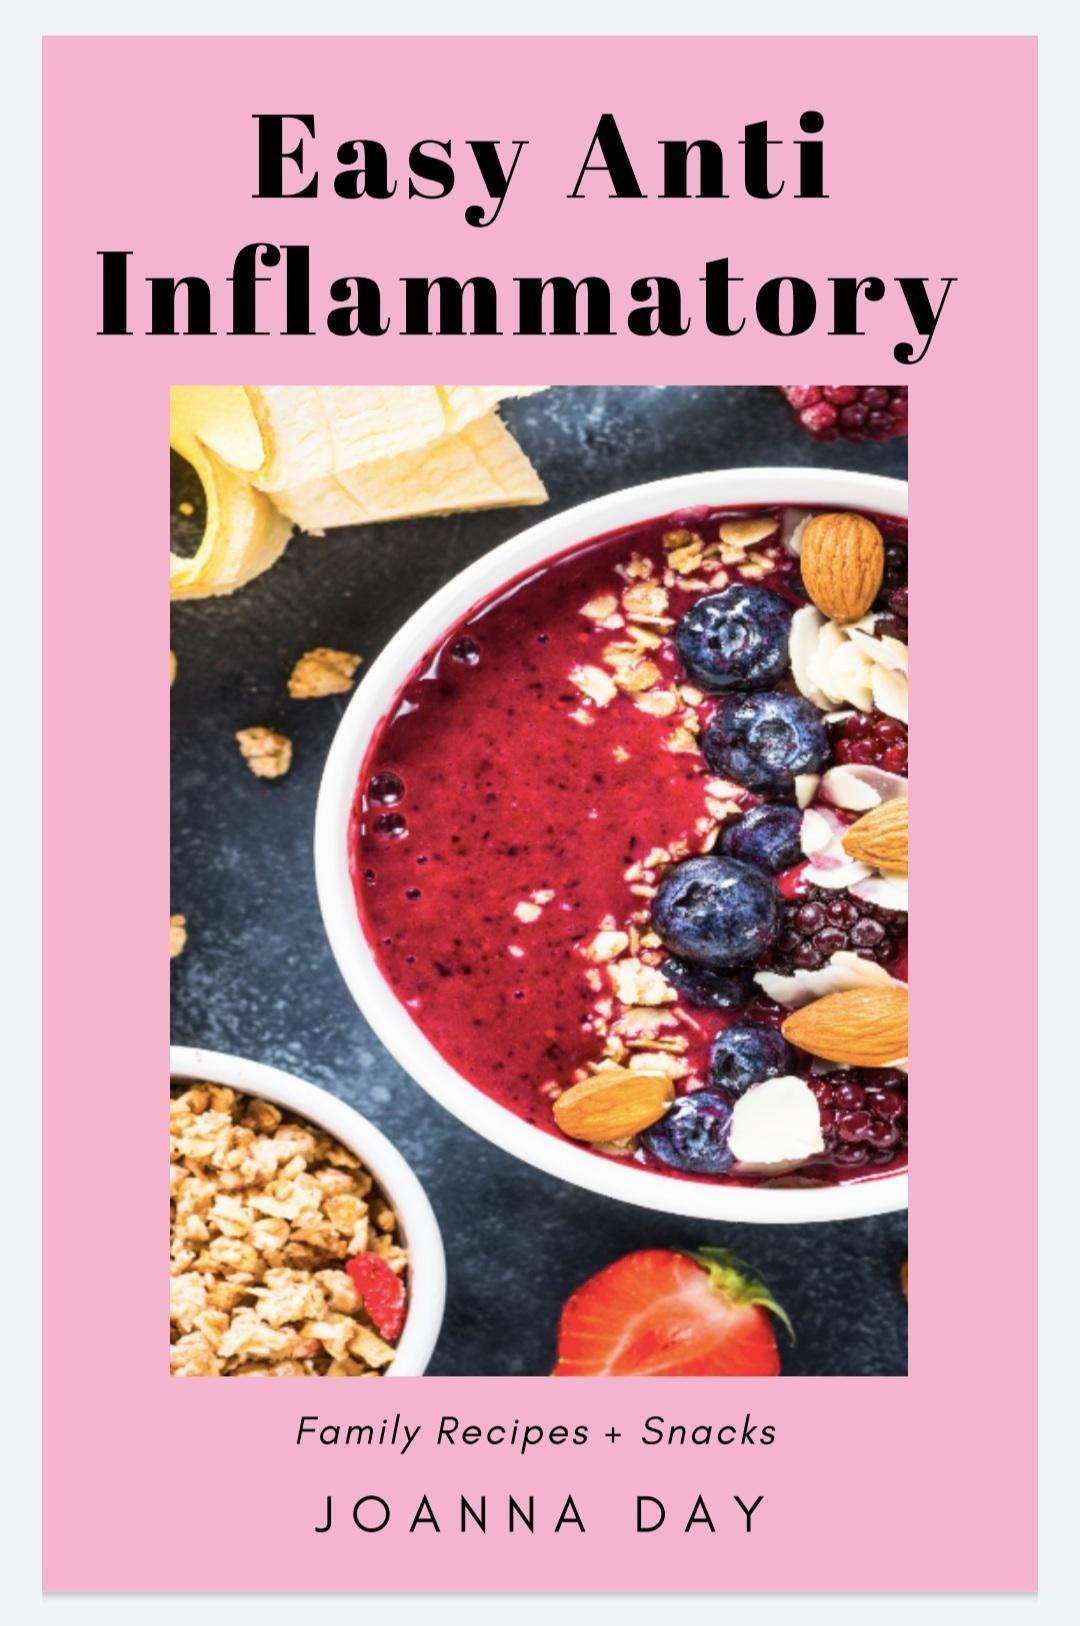 Easy Anti Inflammatory : Family Recipes and Snacks